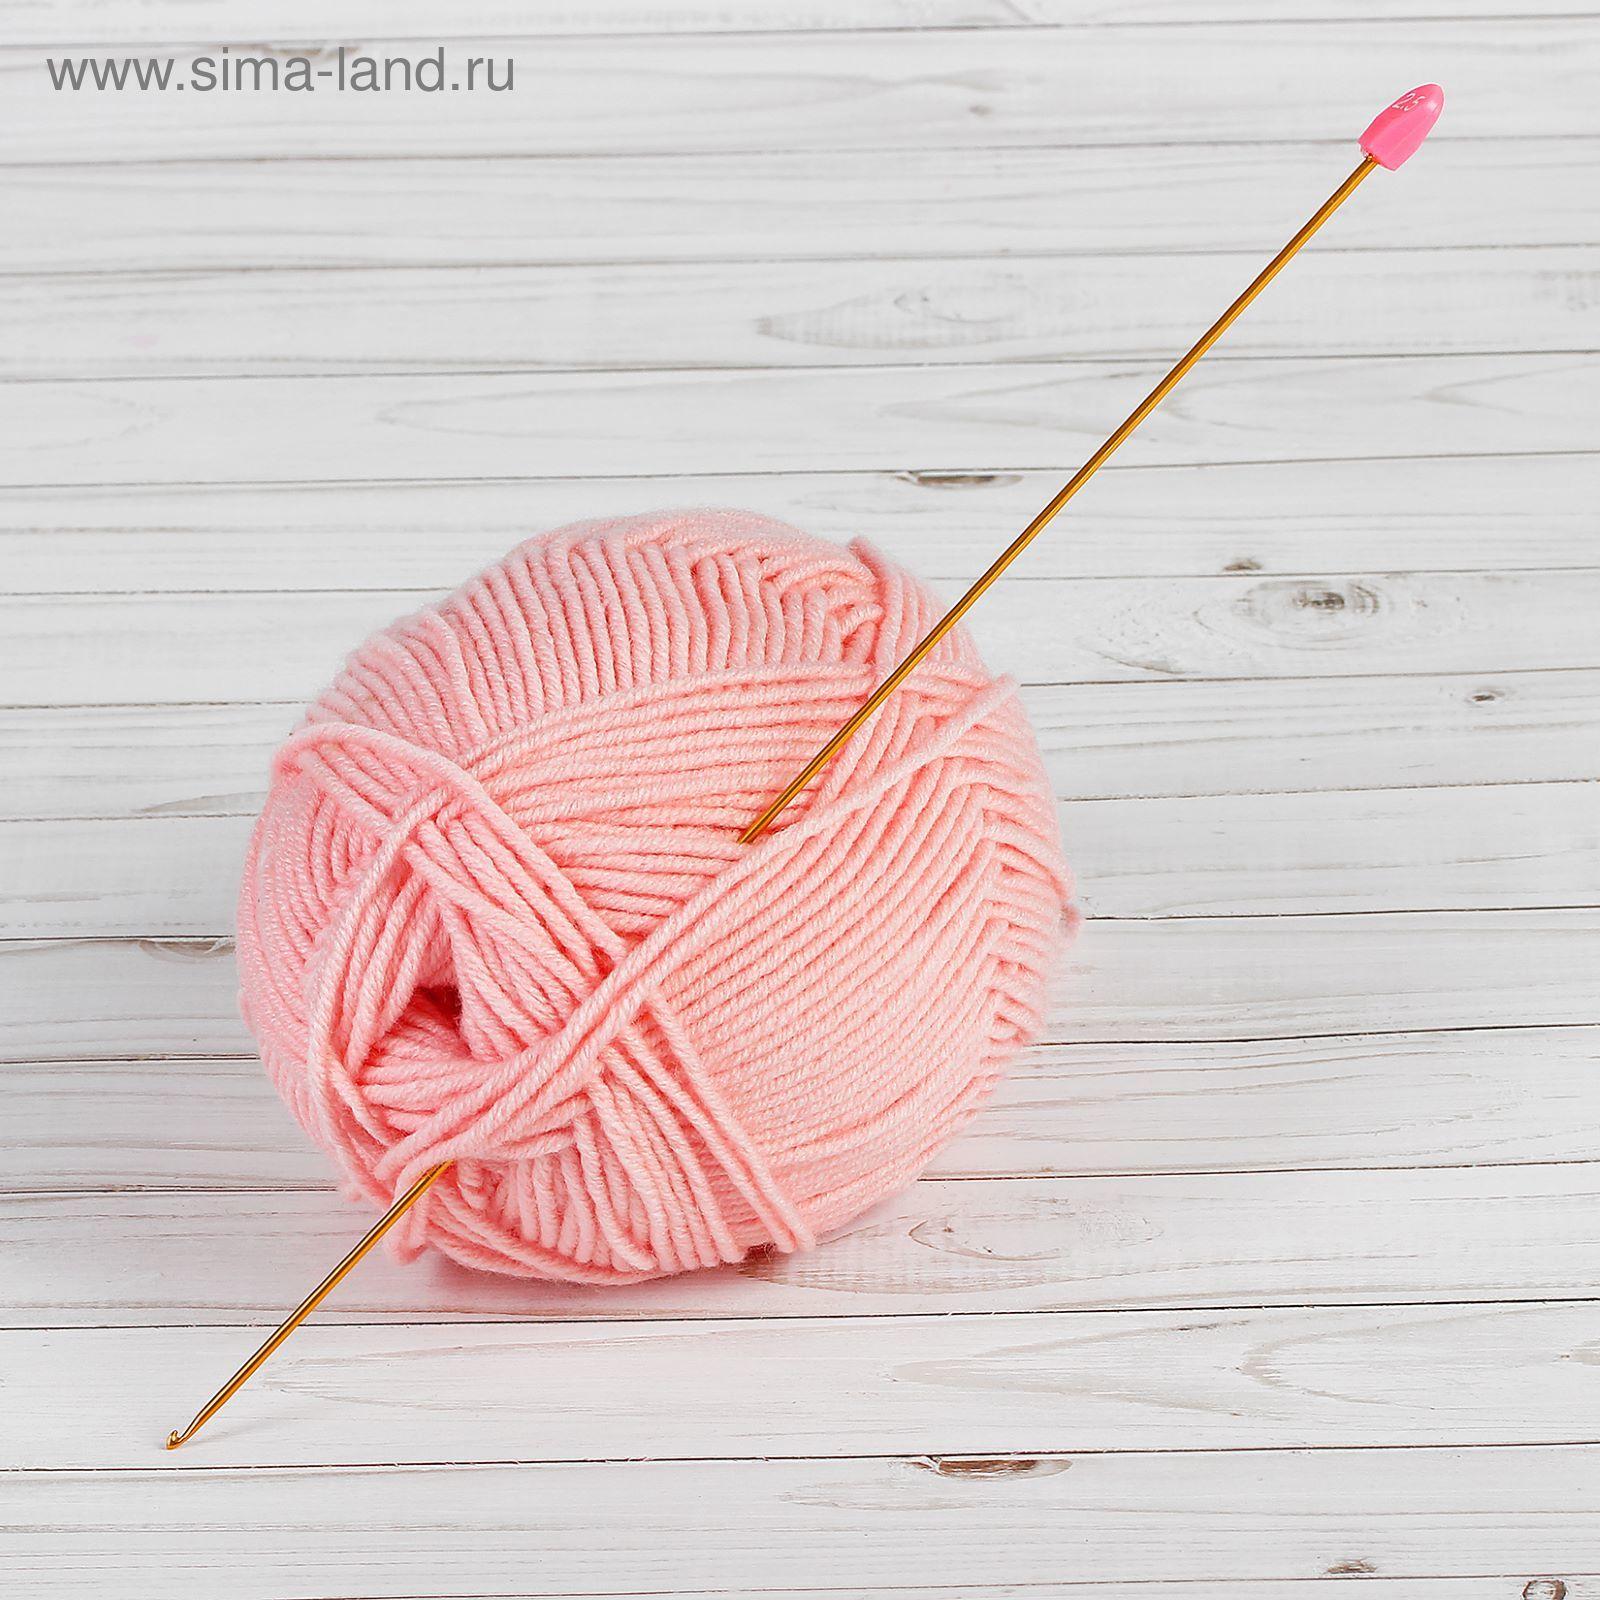 крючок для вязания тунисский D25см 36см 1215415 купить по